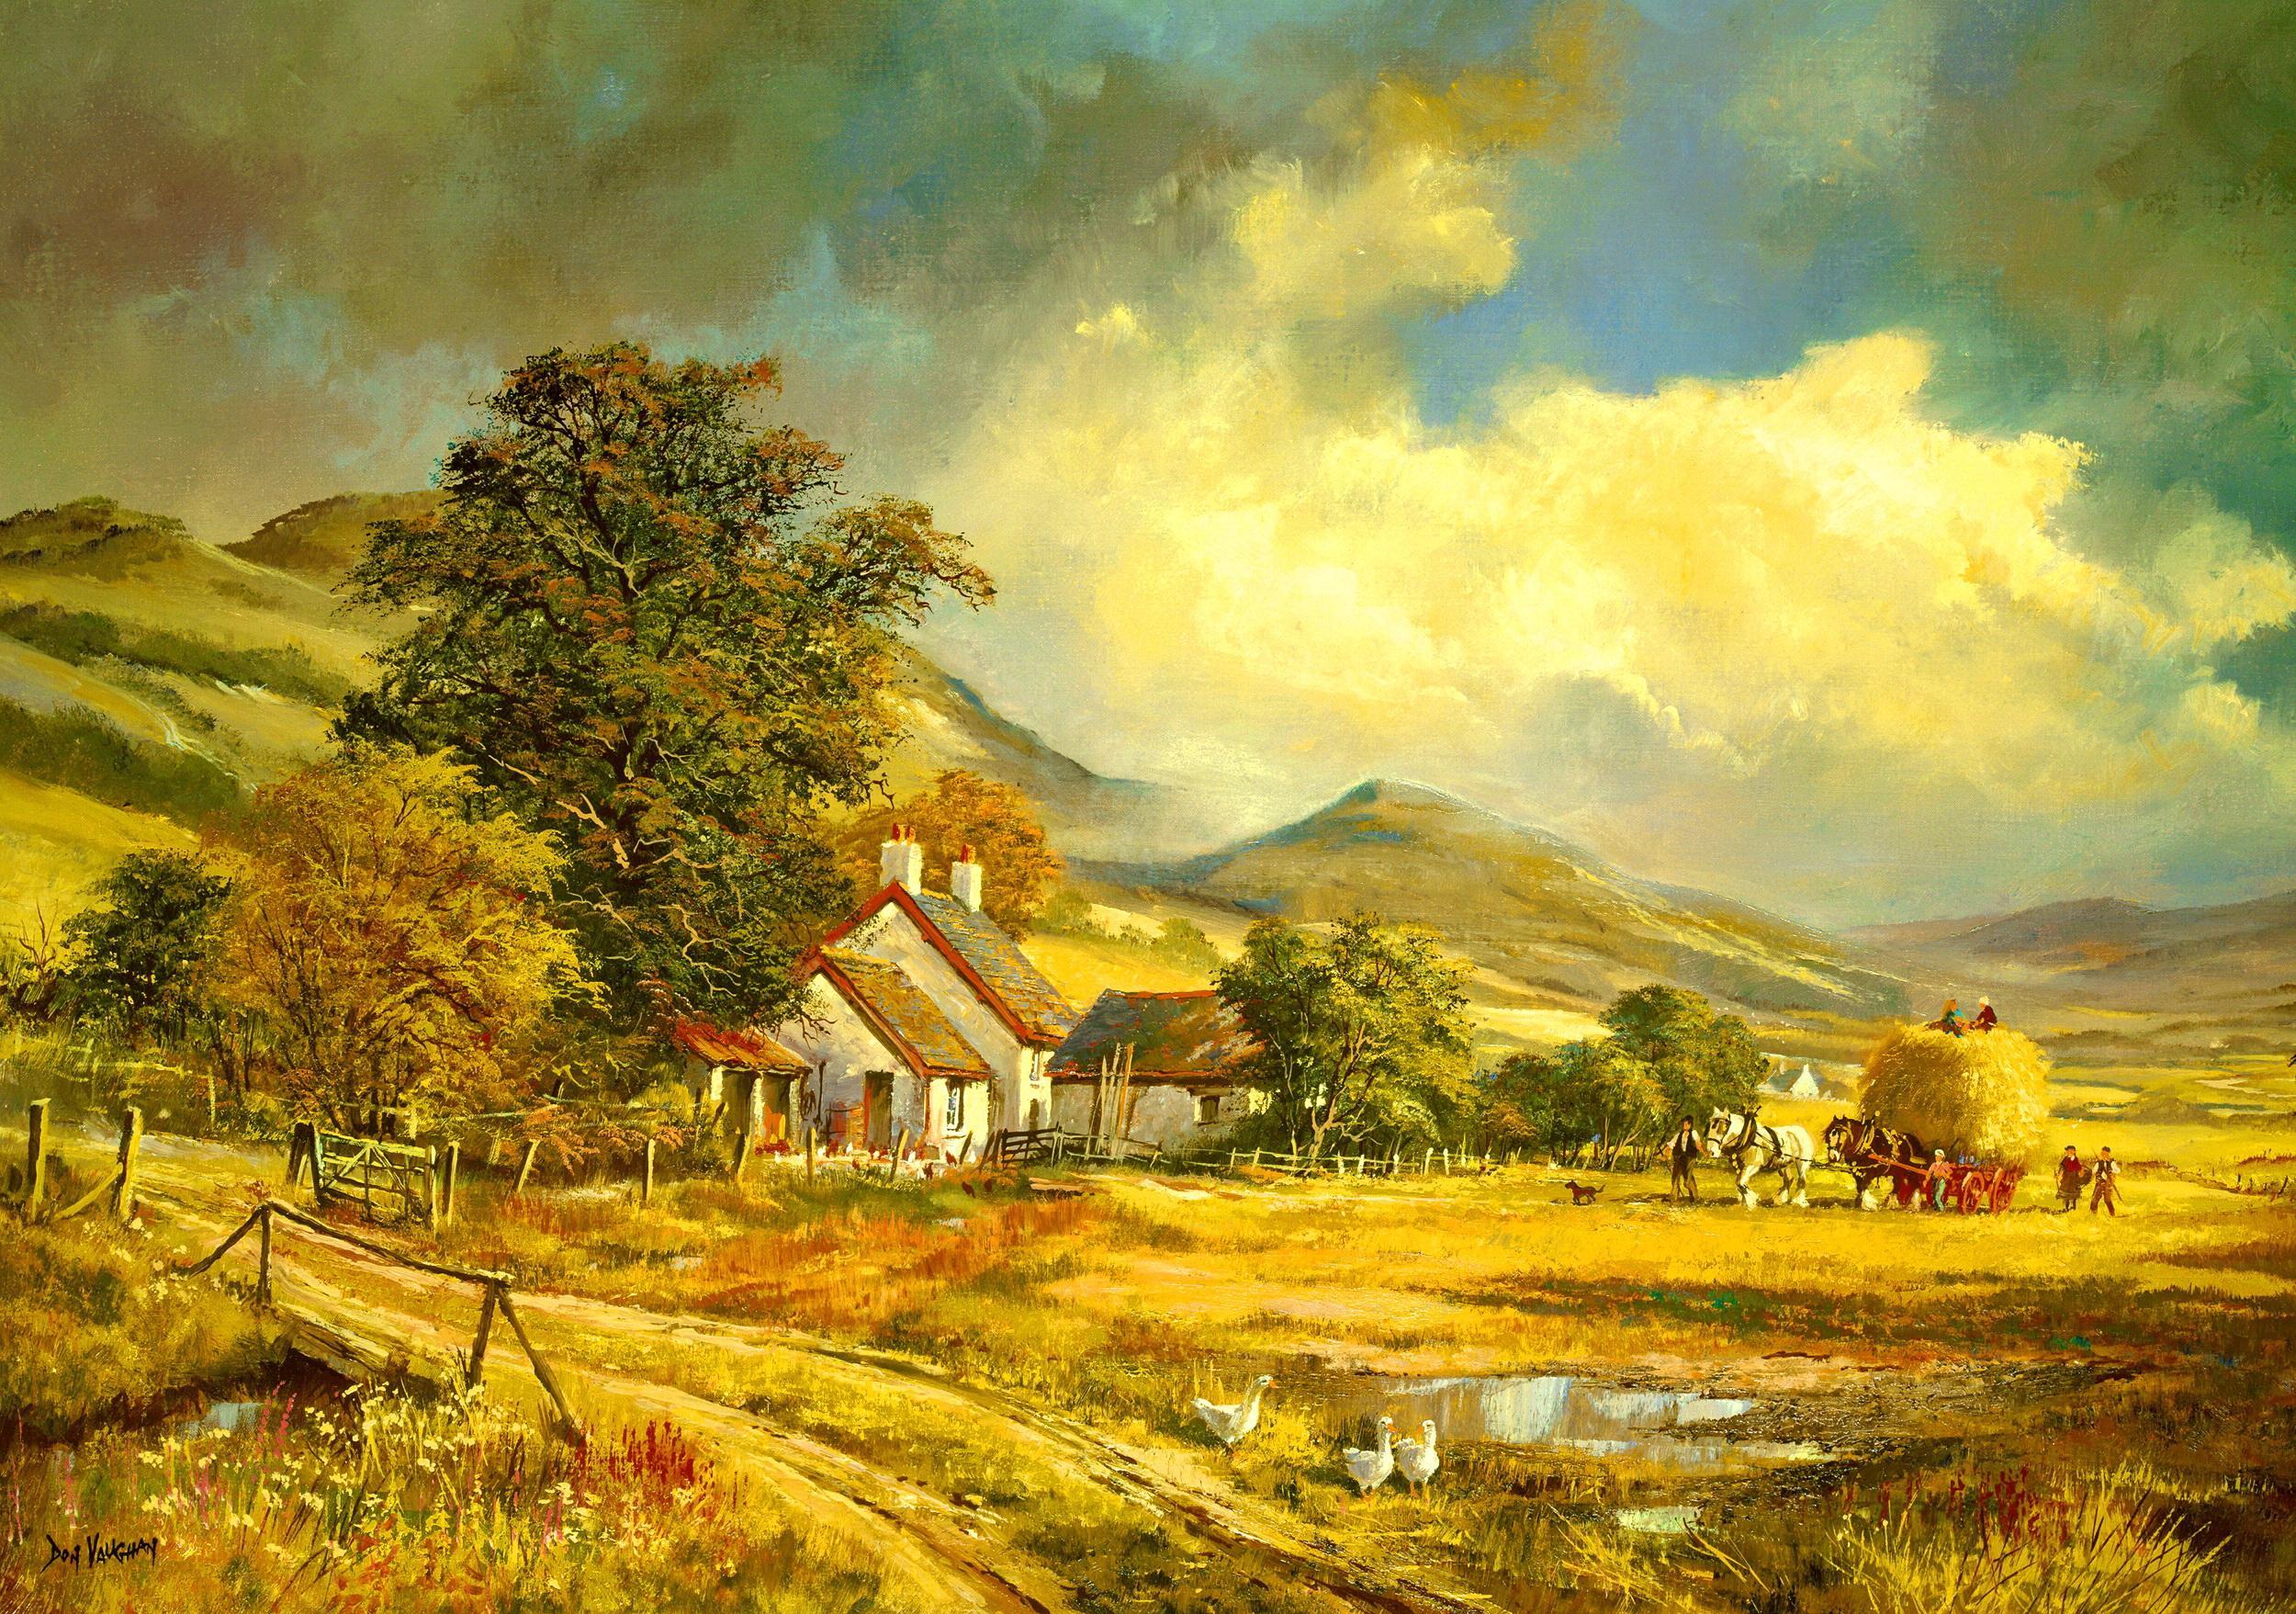 Farm Painting Hd Wallpaper Wallpaper List 2500x1757